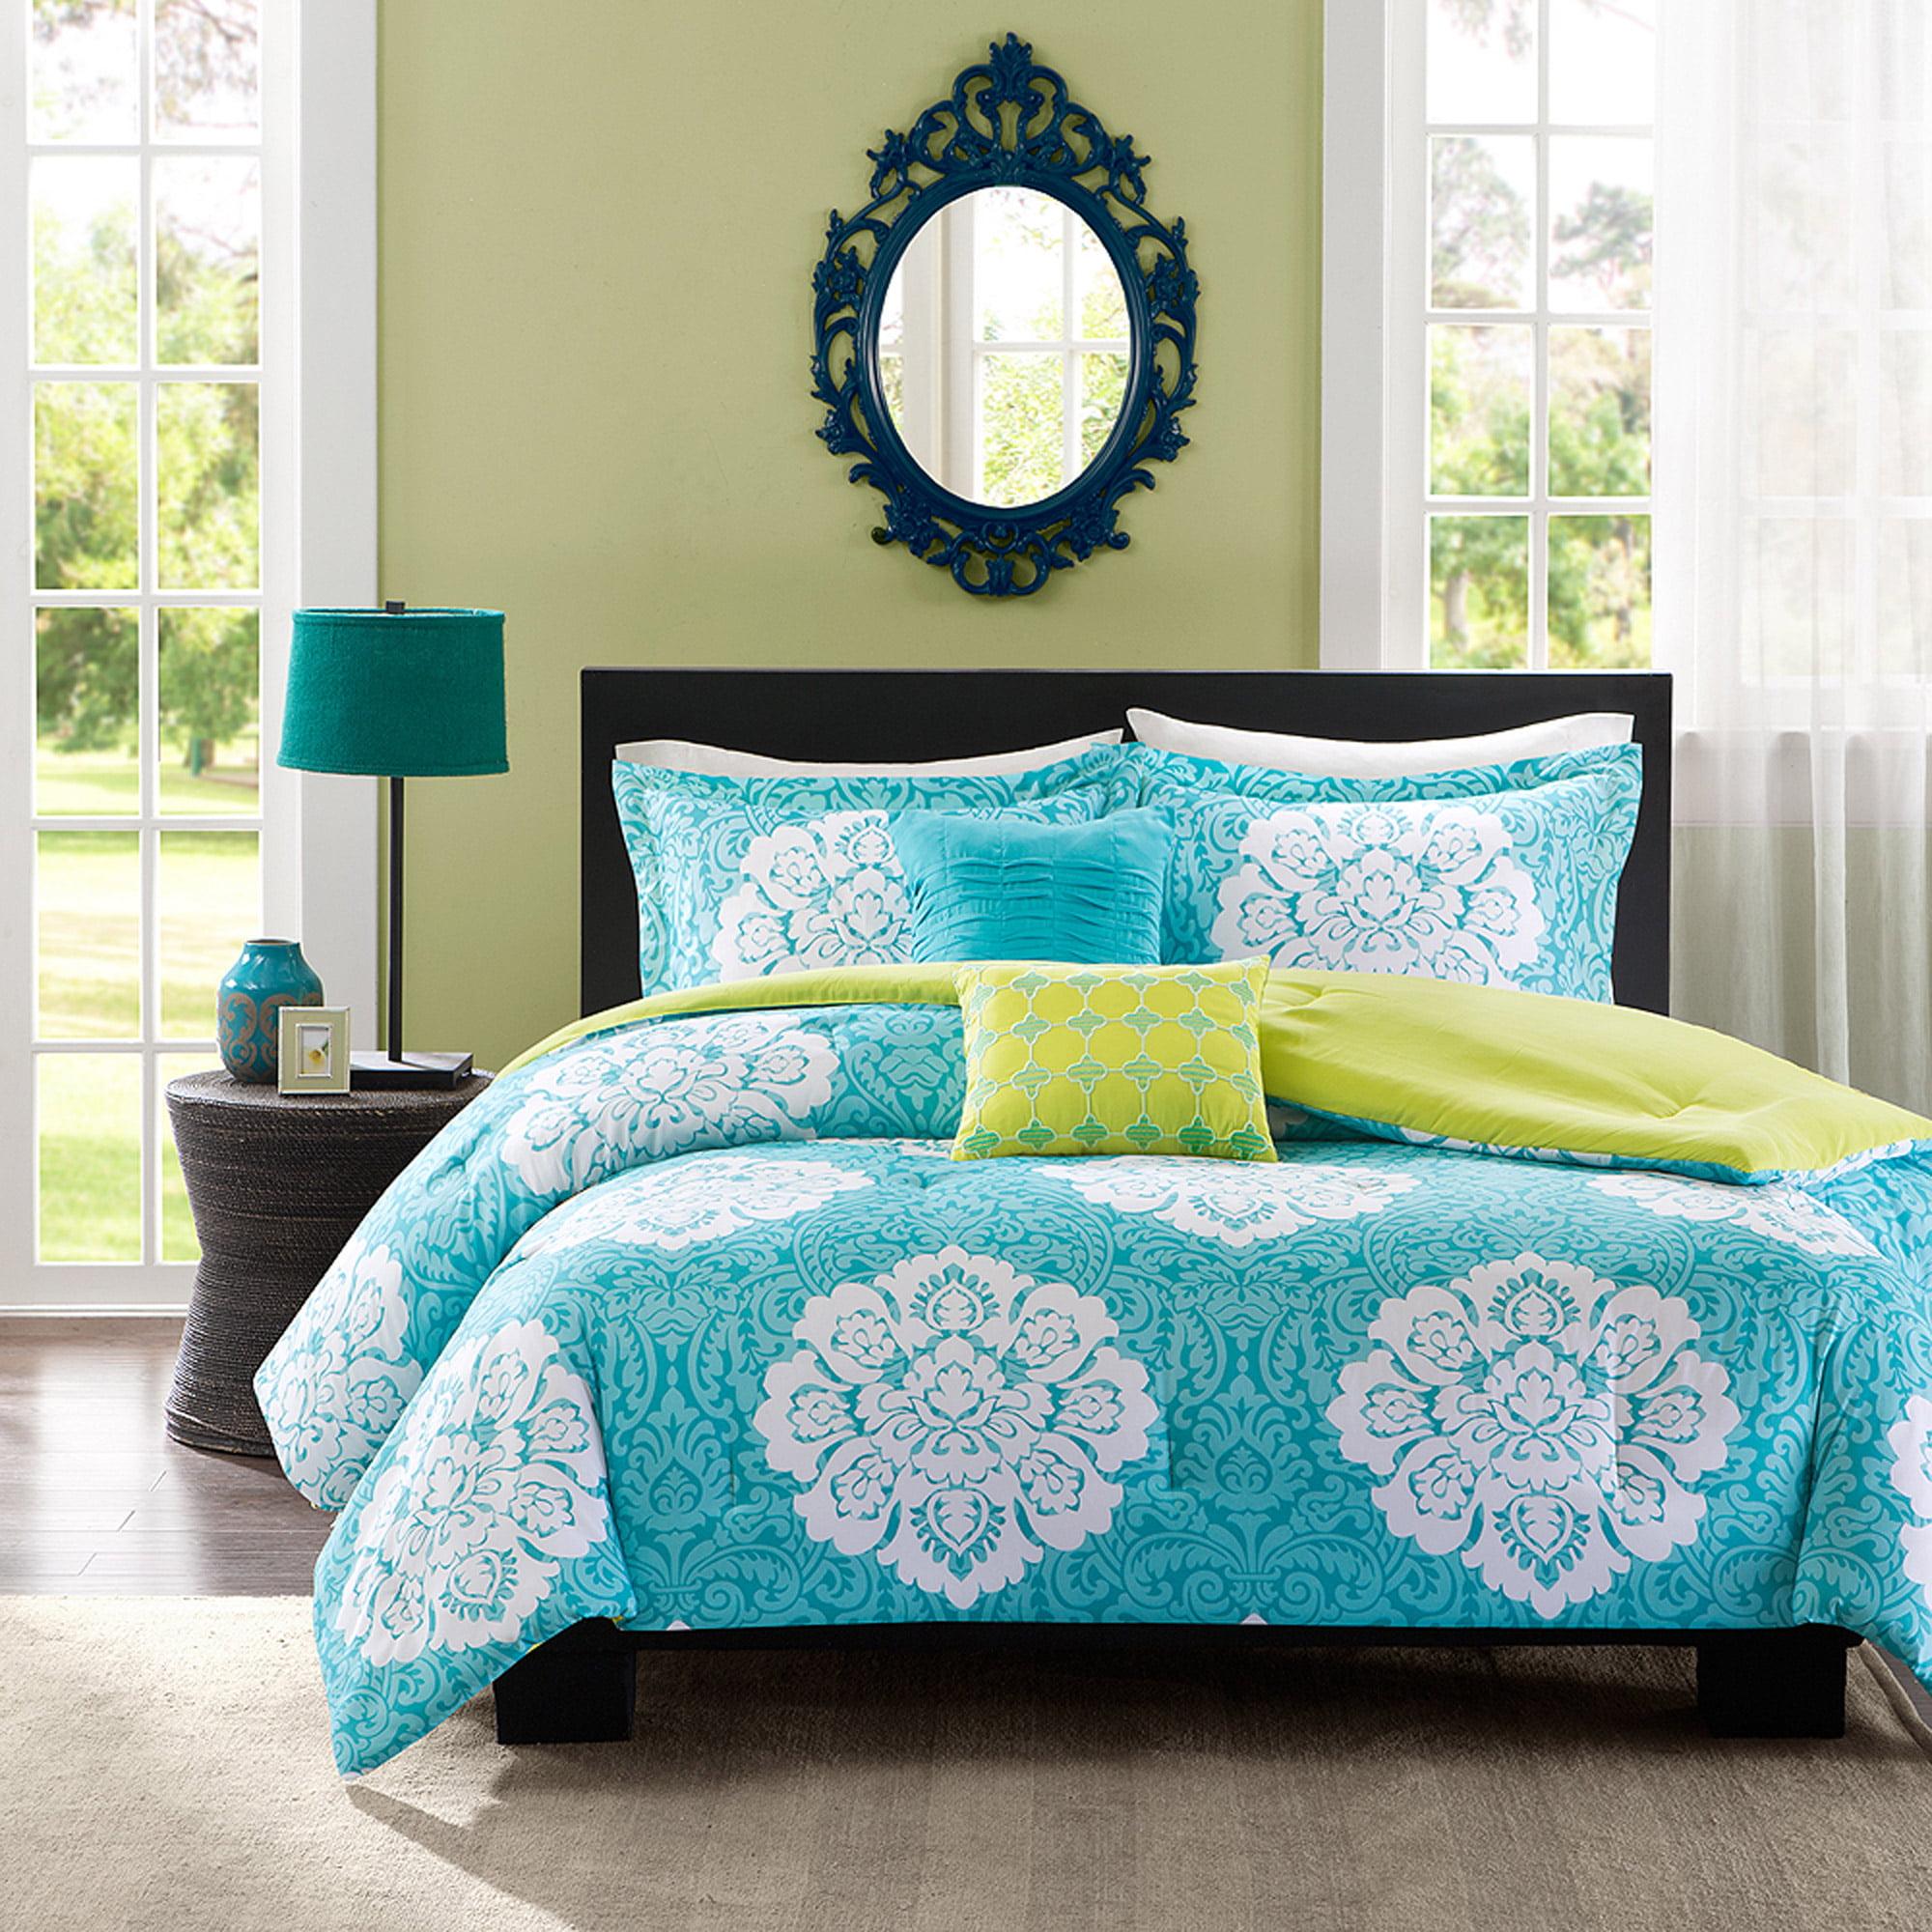 Home Essence Apartment Becca Bedding Comforter Set - Walmart.com